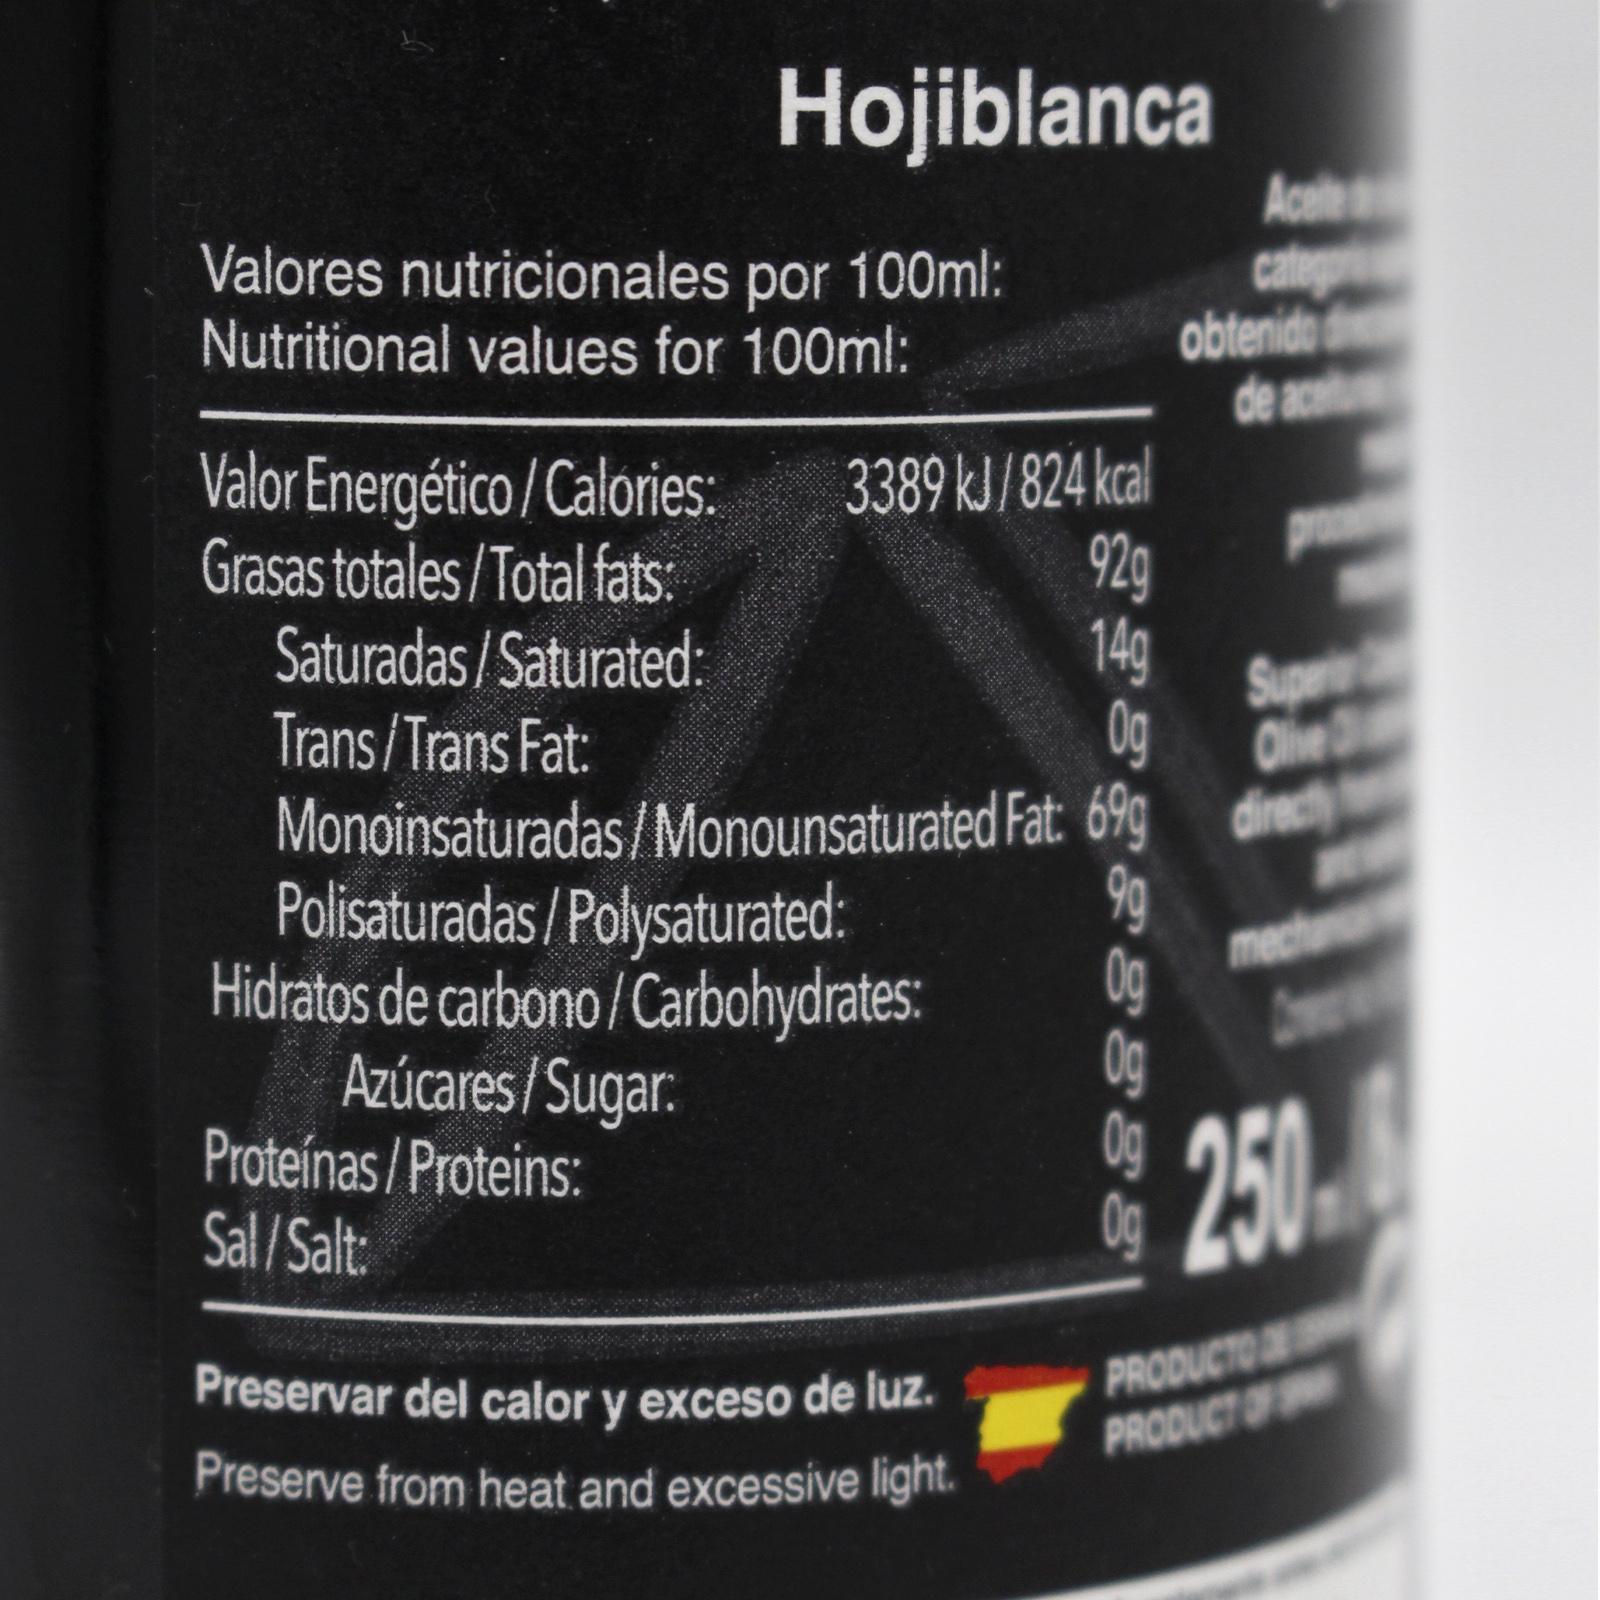 muralla 07 250 ml detalle etiqueta